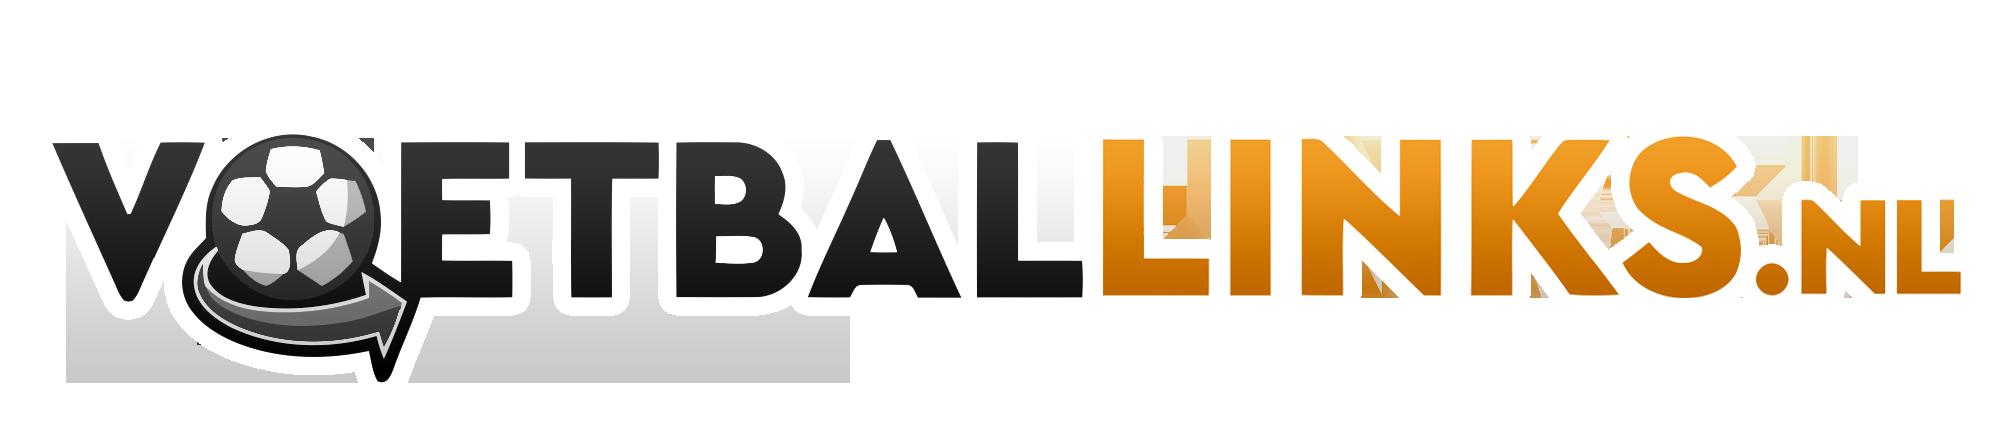 Logo VoetbalLinks.nl